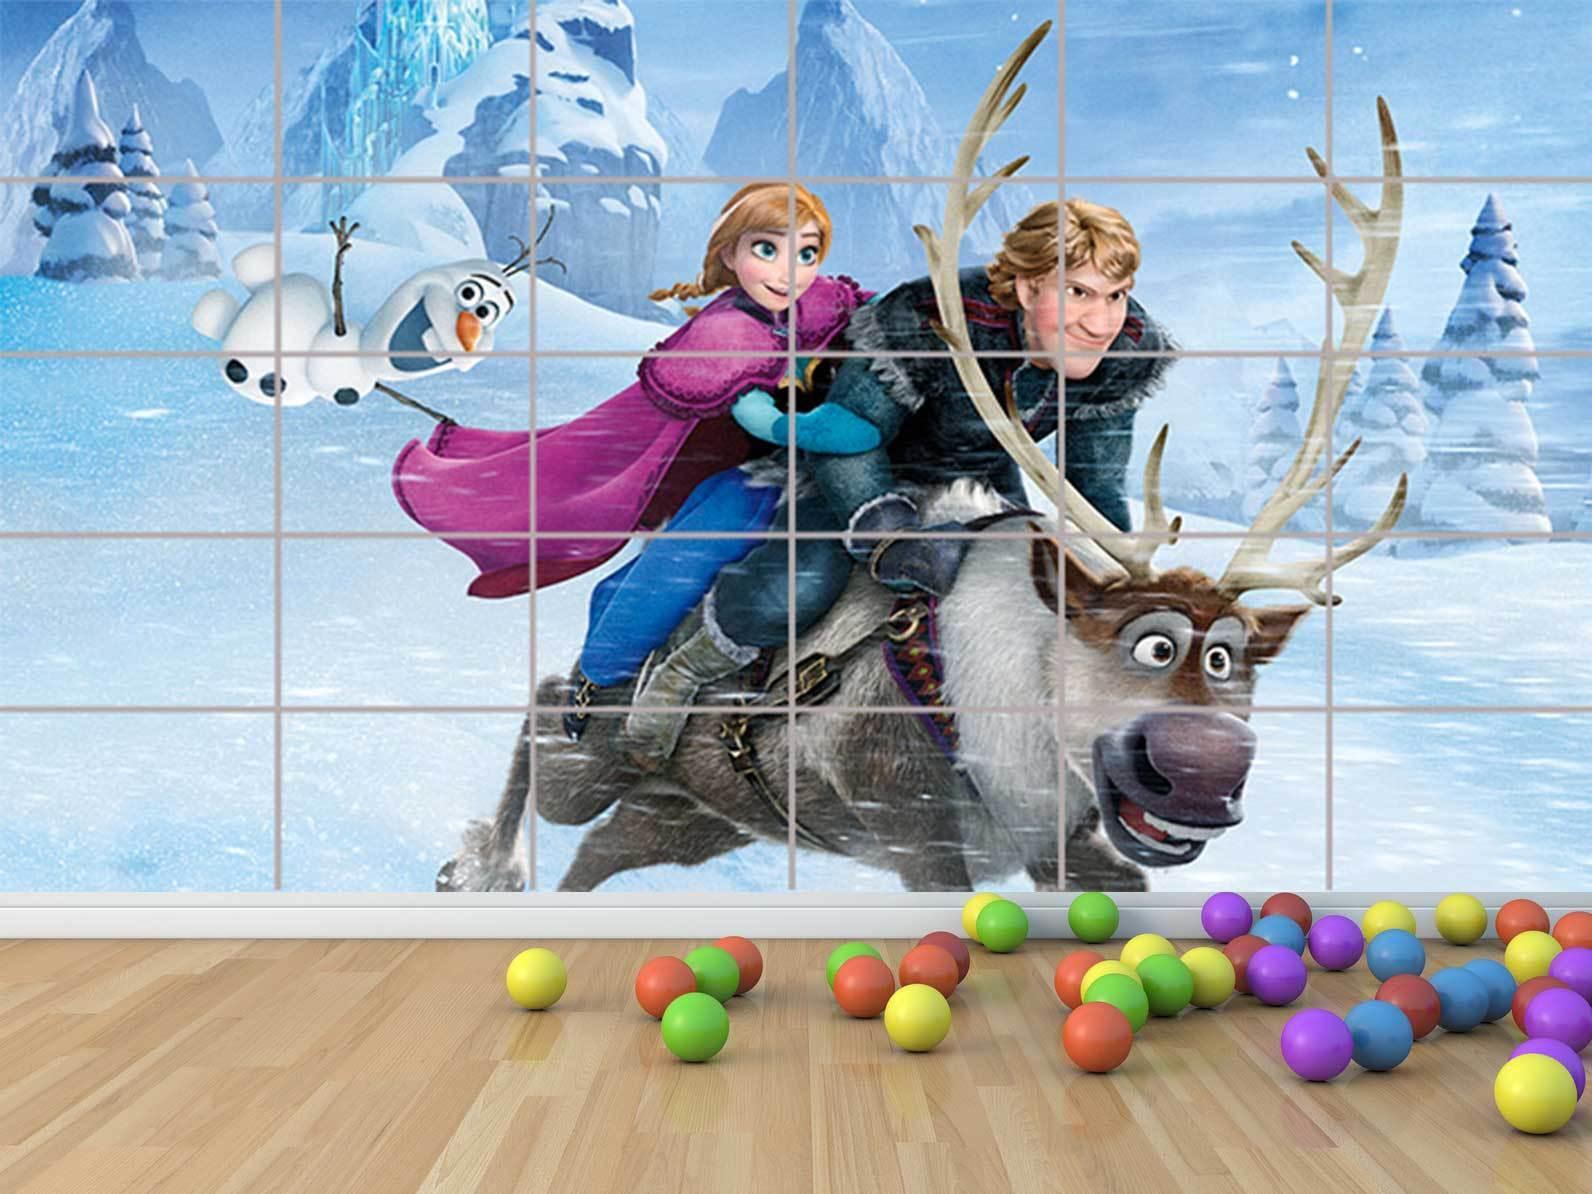 Gefrorene reine des neiges 03 geant - poster chambre enfants zimmer kinder